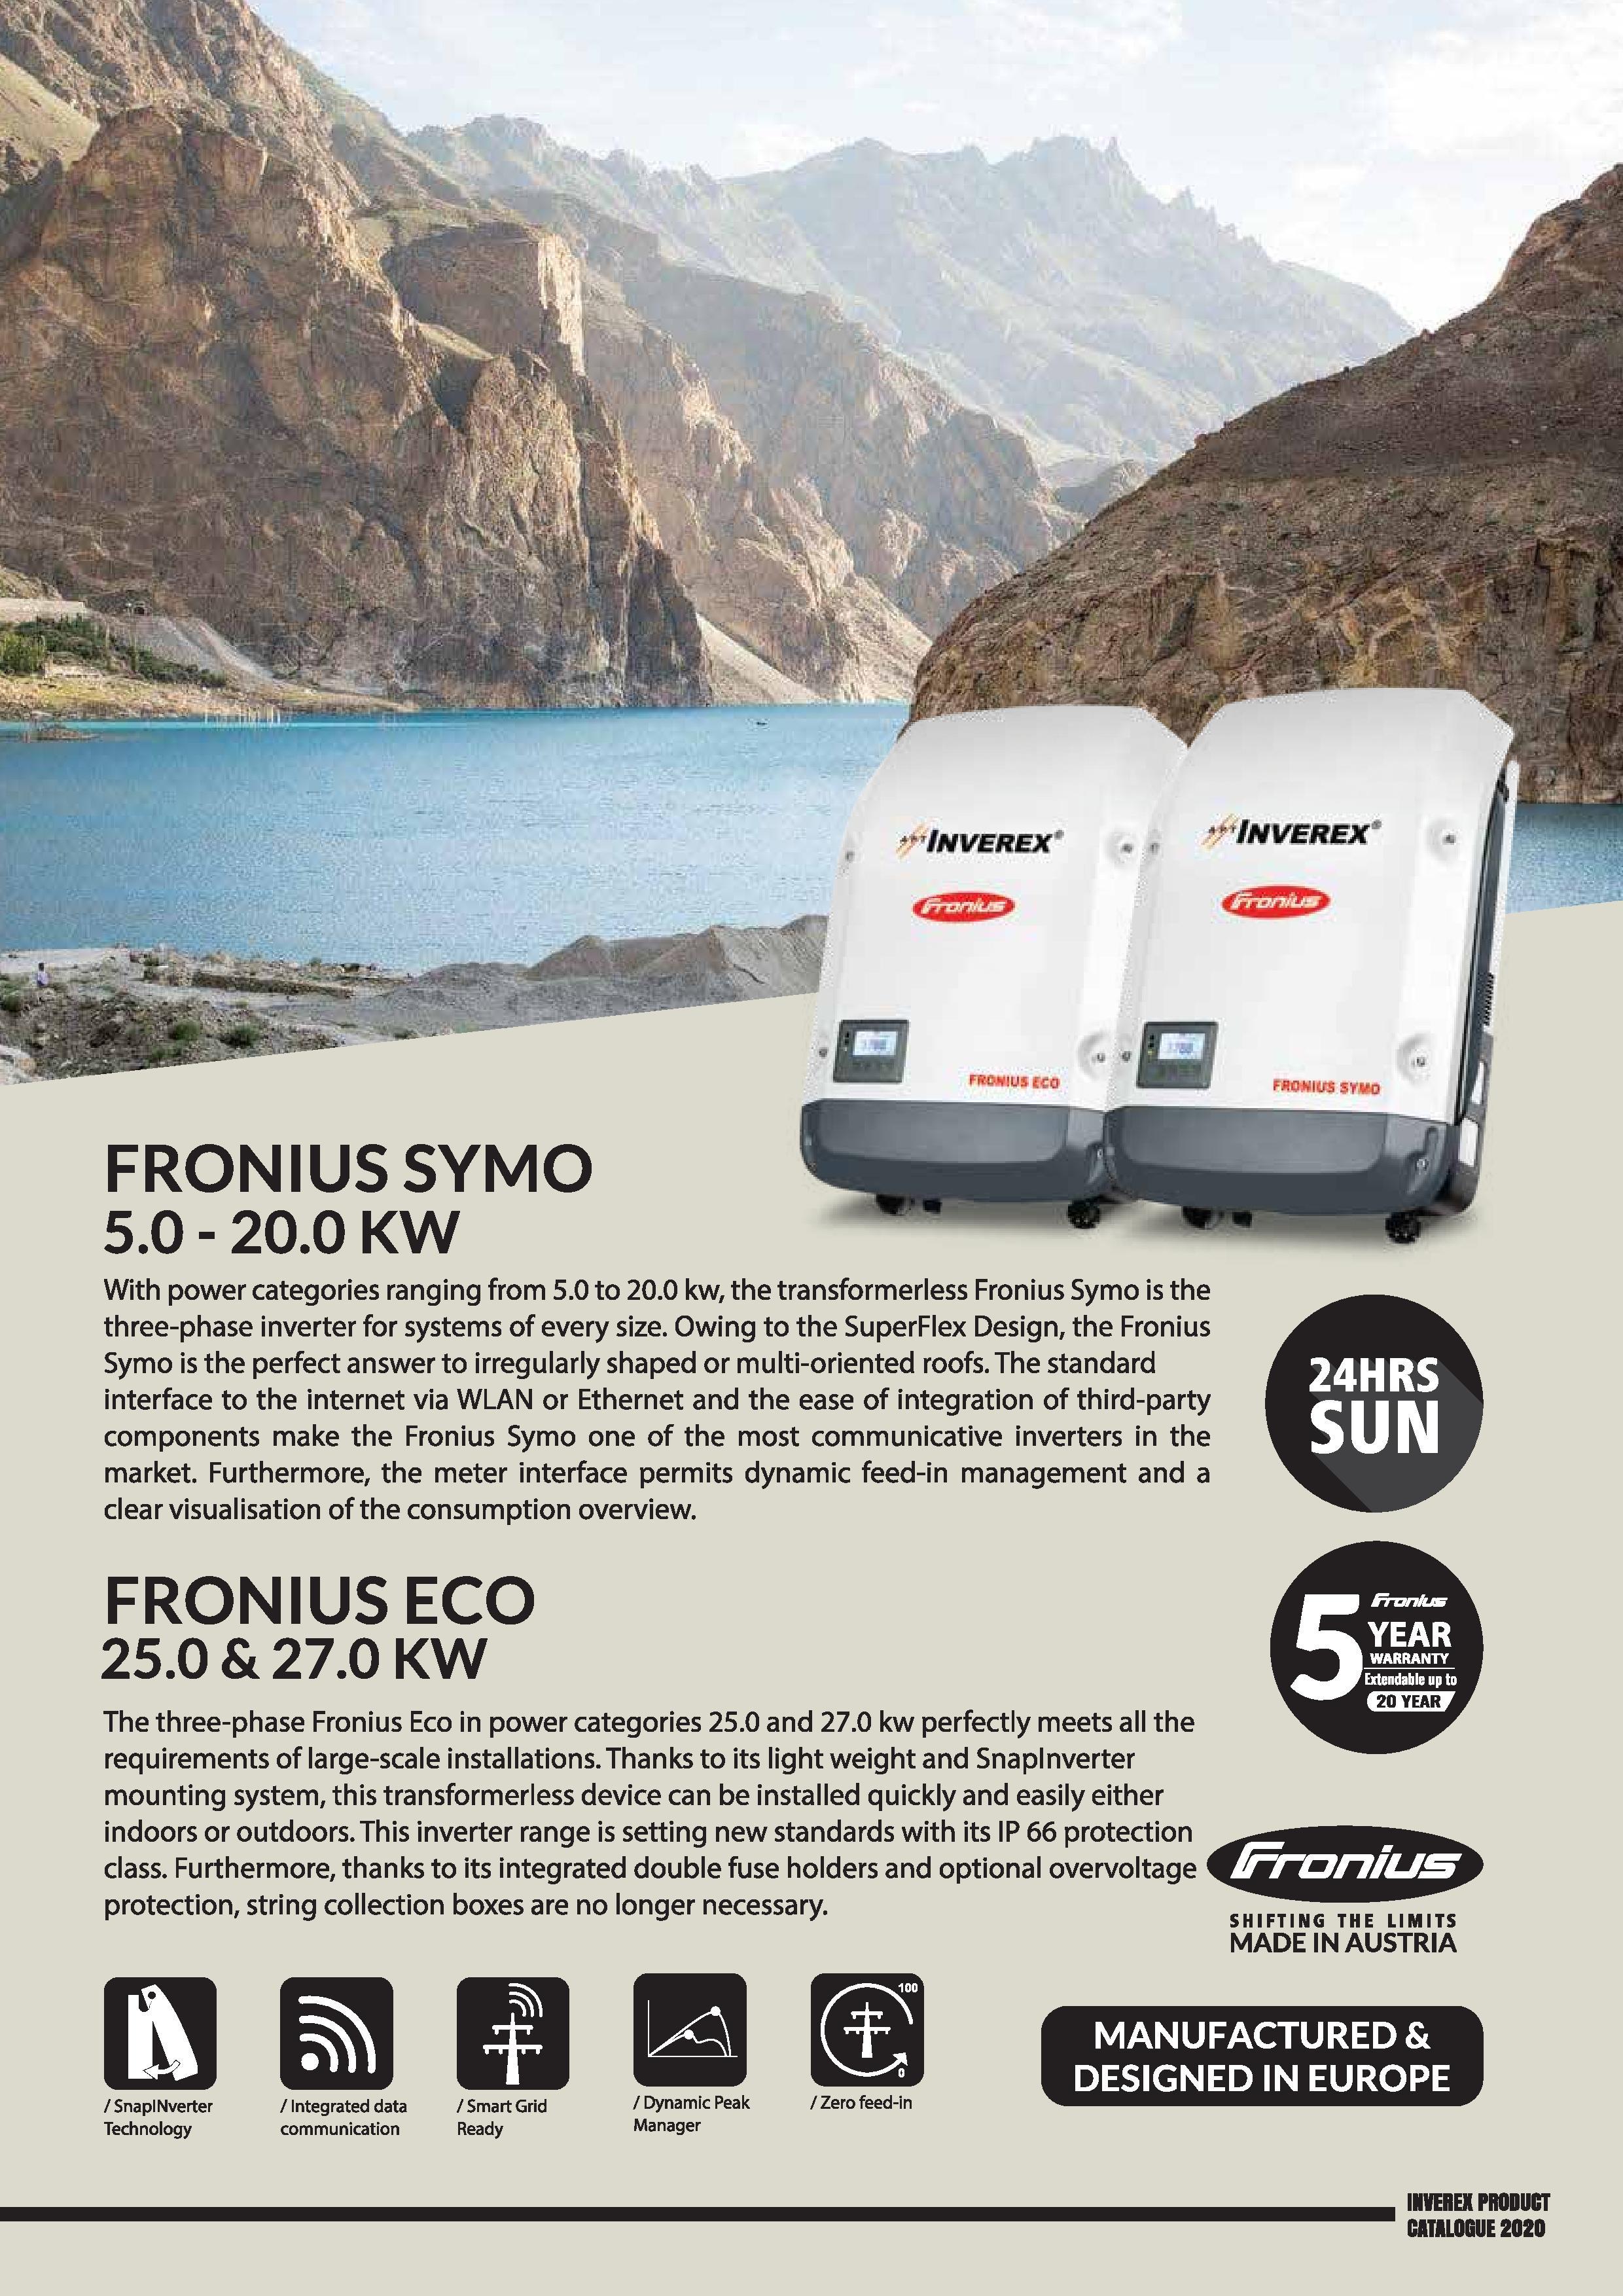 Fronious SYMO,ECO-details